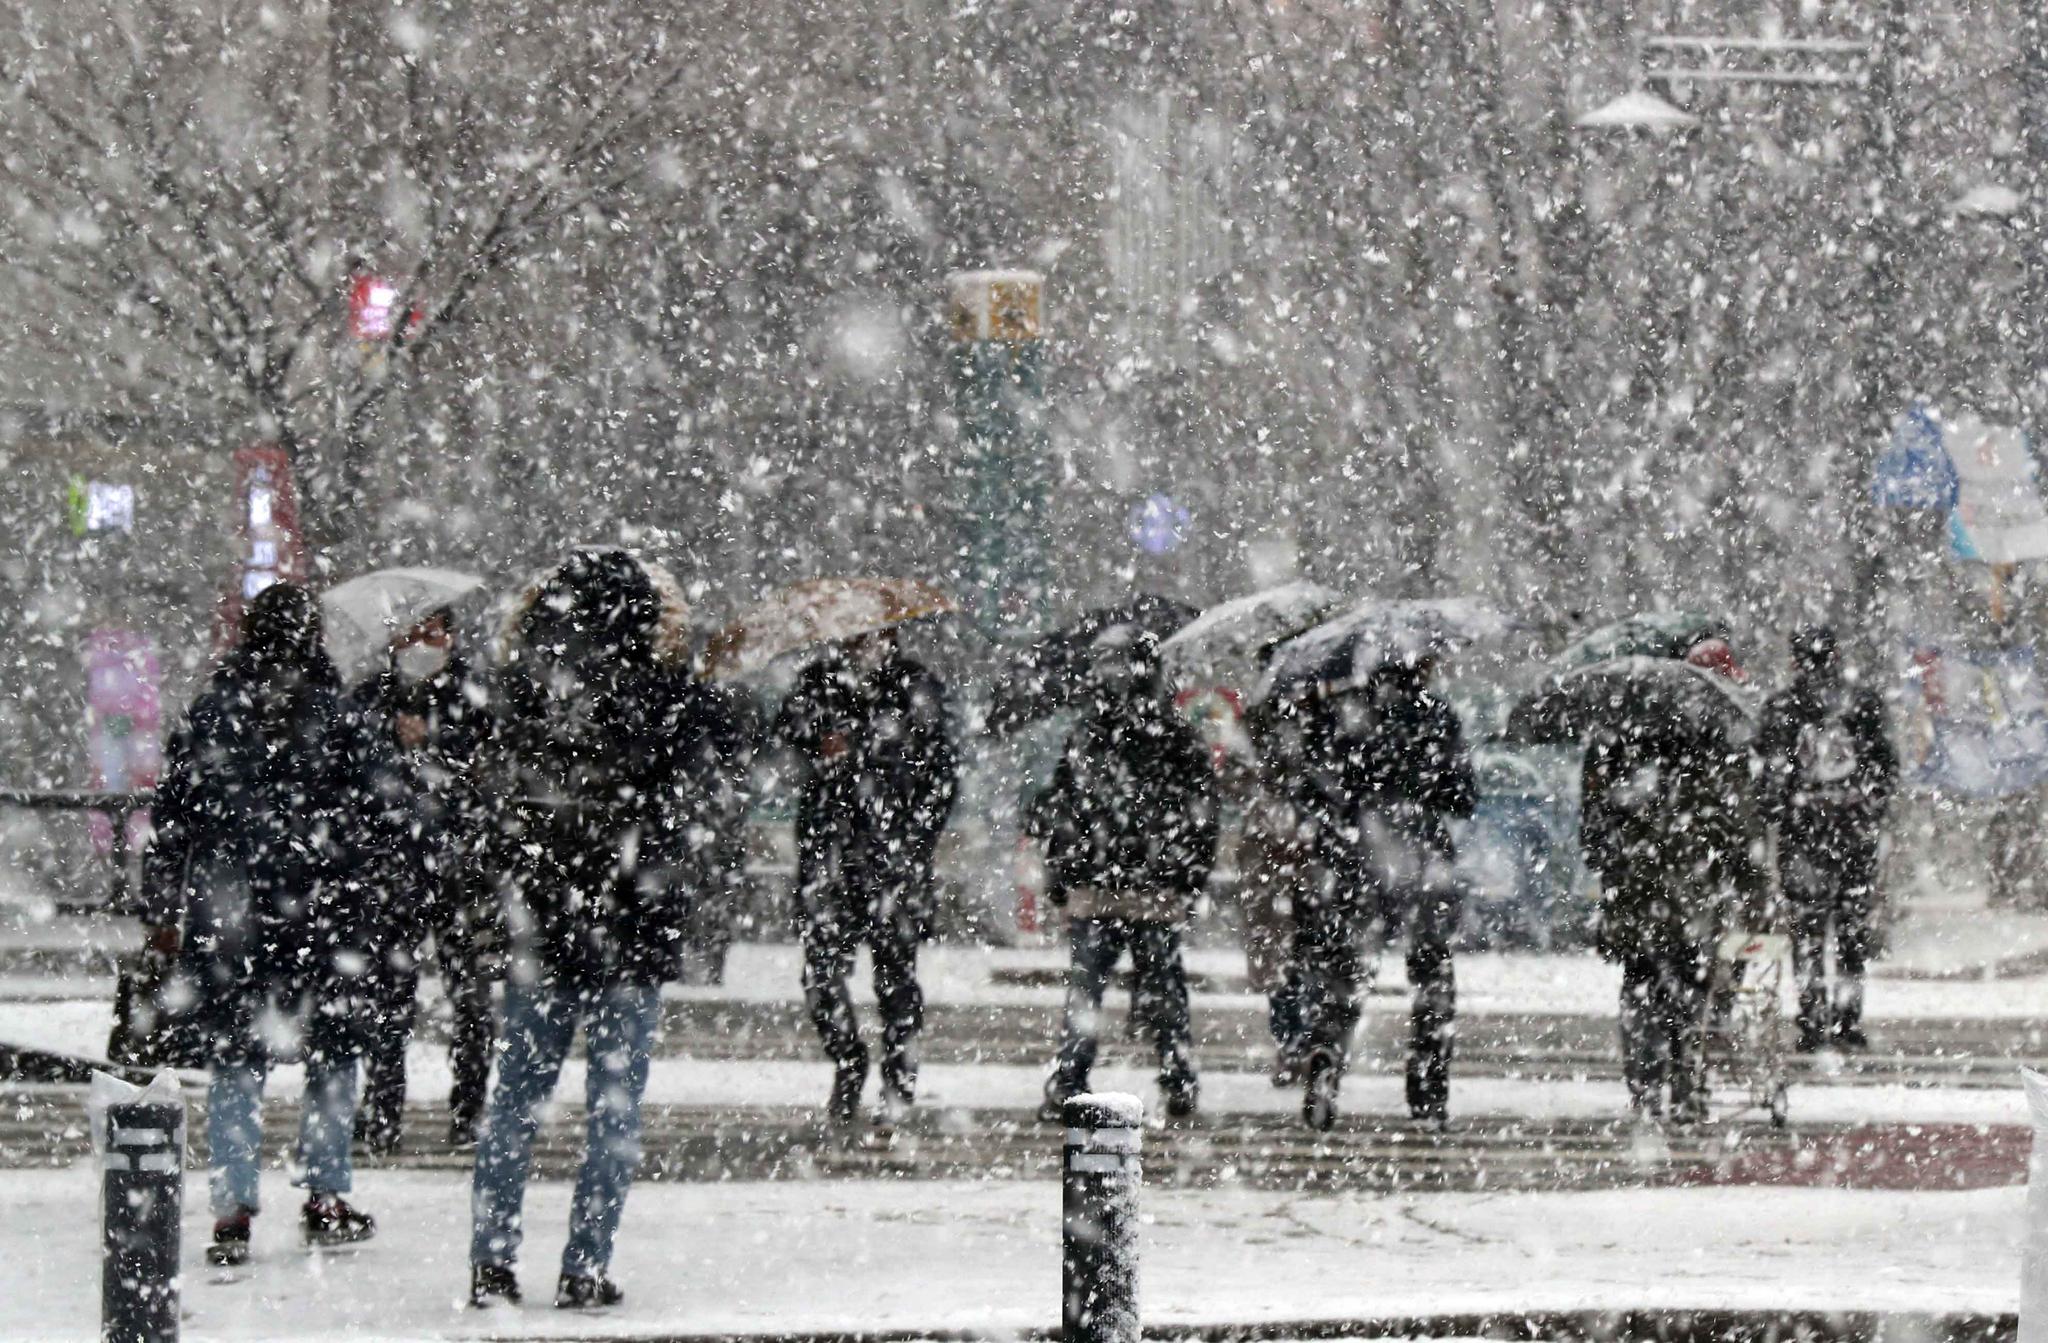 기상청은 28일 오전 8시 서울 전 지역과 경기 북부지역에 대설주의보를 발효했다. 이날 시민들이 눈을 맞으며 세종대로를 걷고 있다. 김상선 기자